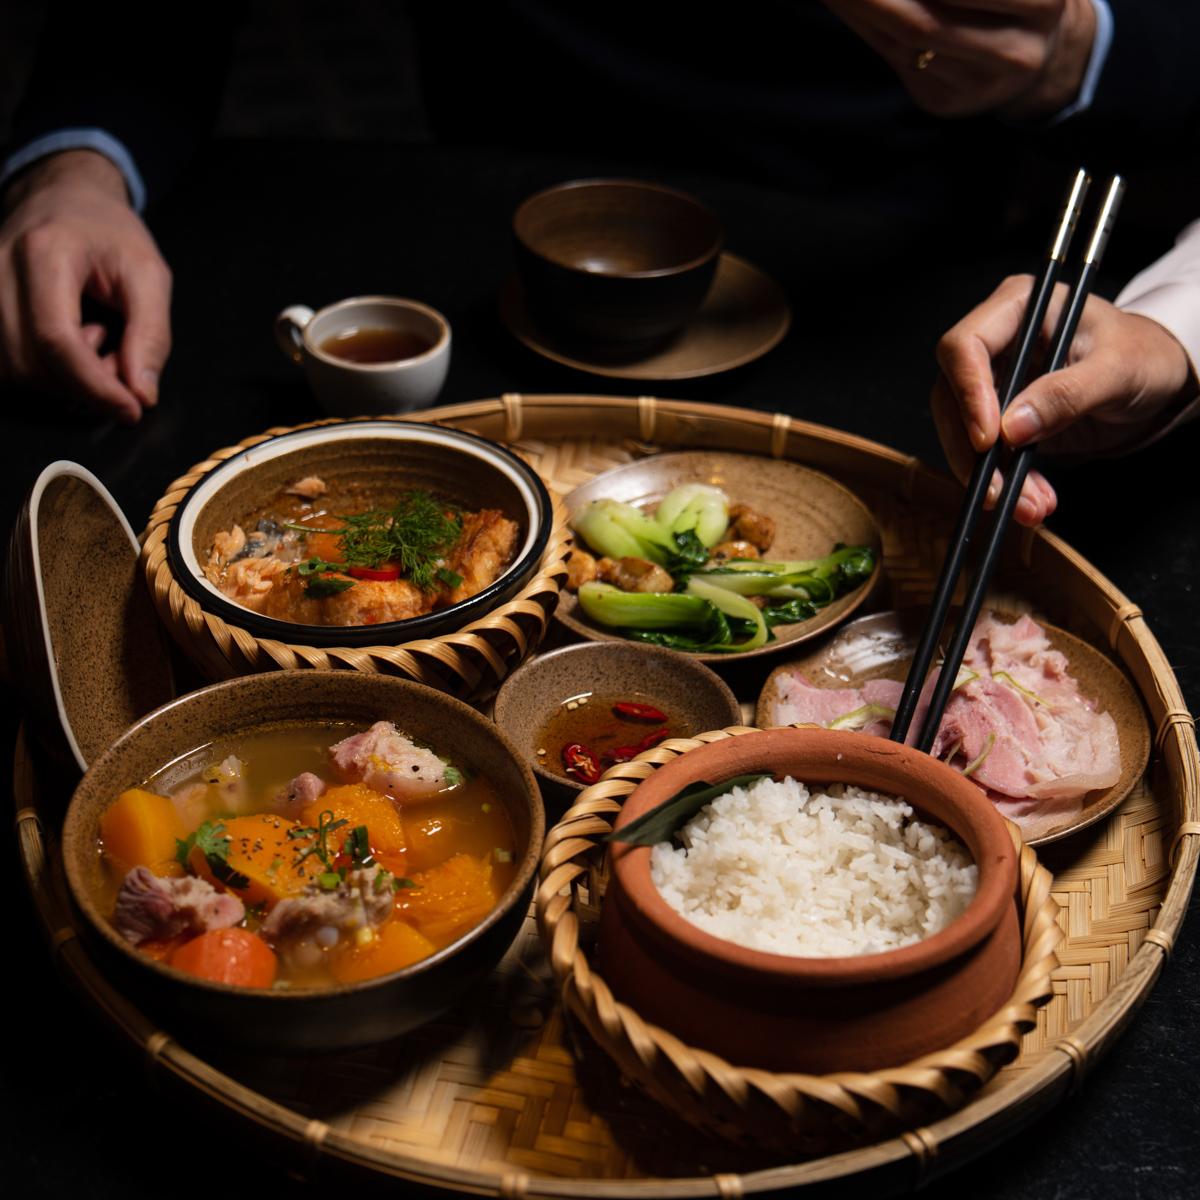 Ngon thailändisches Restaurant in Berlin-Mitte-9